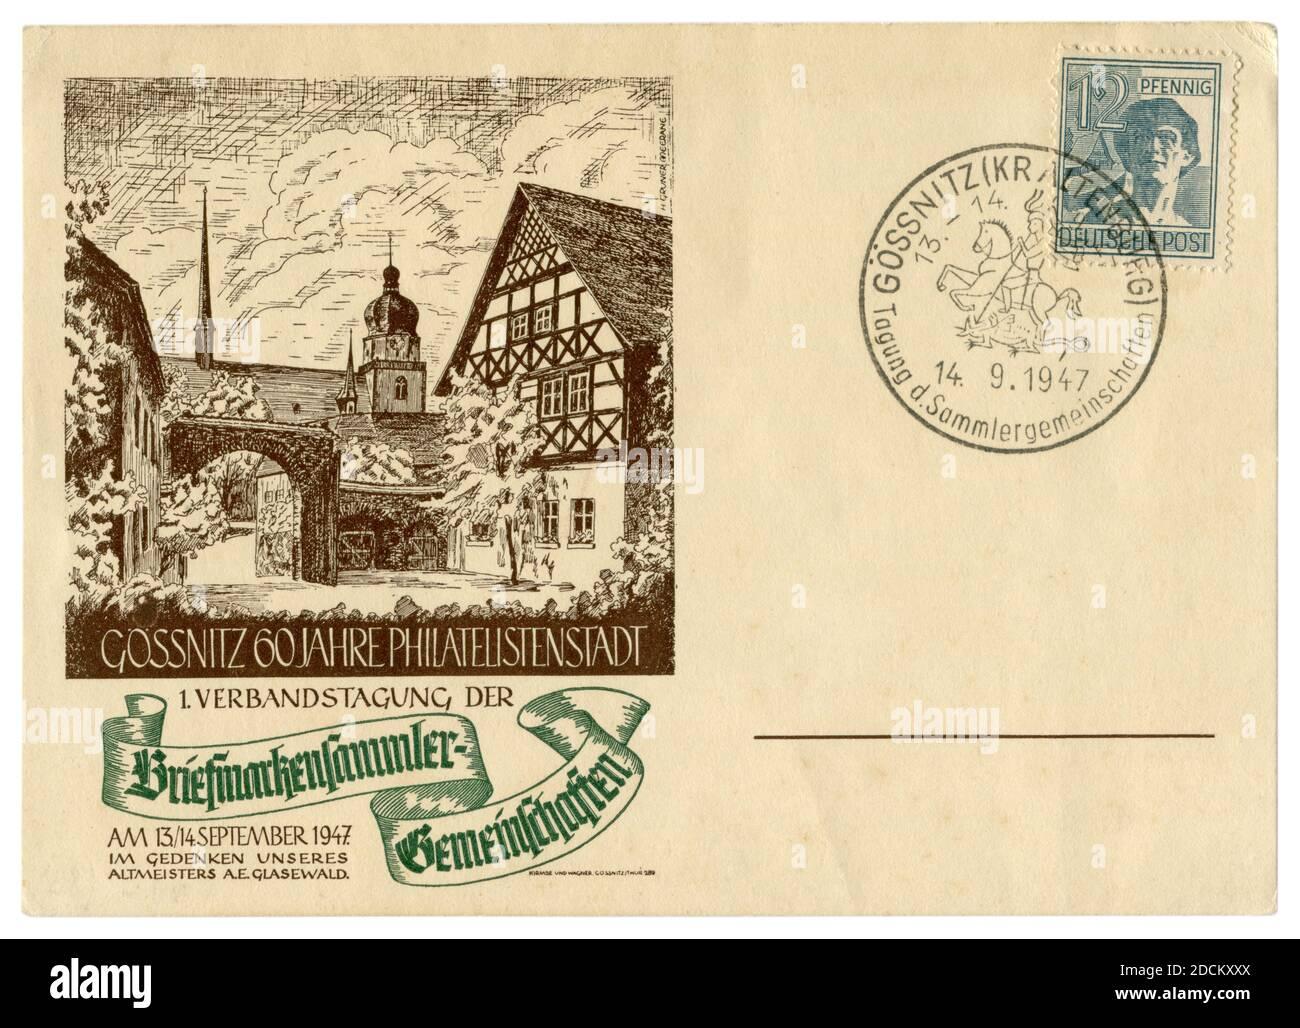 Gößnitz, Thuringe, ALLEMAGNE — 14 septembre 1947: Gössnitz 60 ans de philatélistes de la ville, 1 Réunion d'association des collectionneurs de timbres Banque D'Images